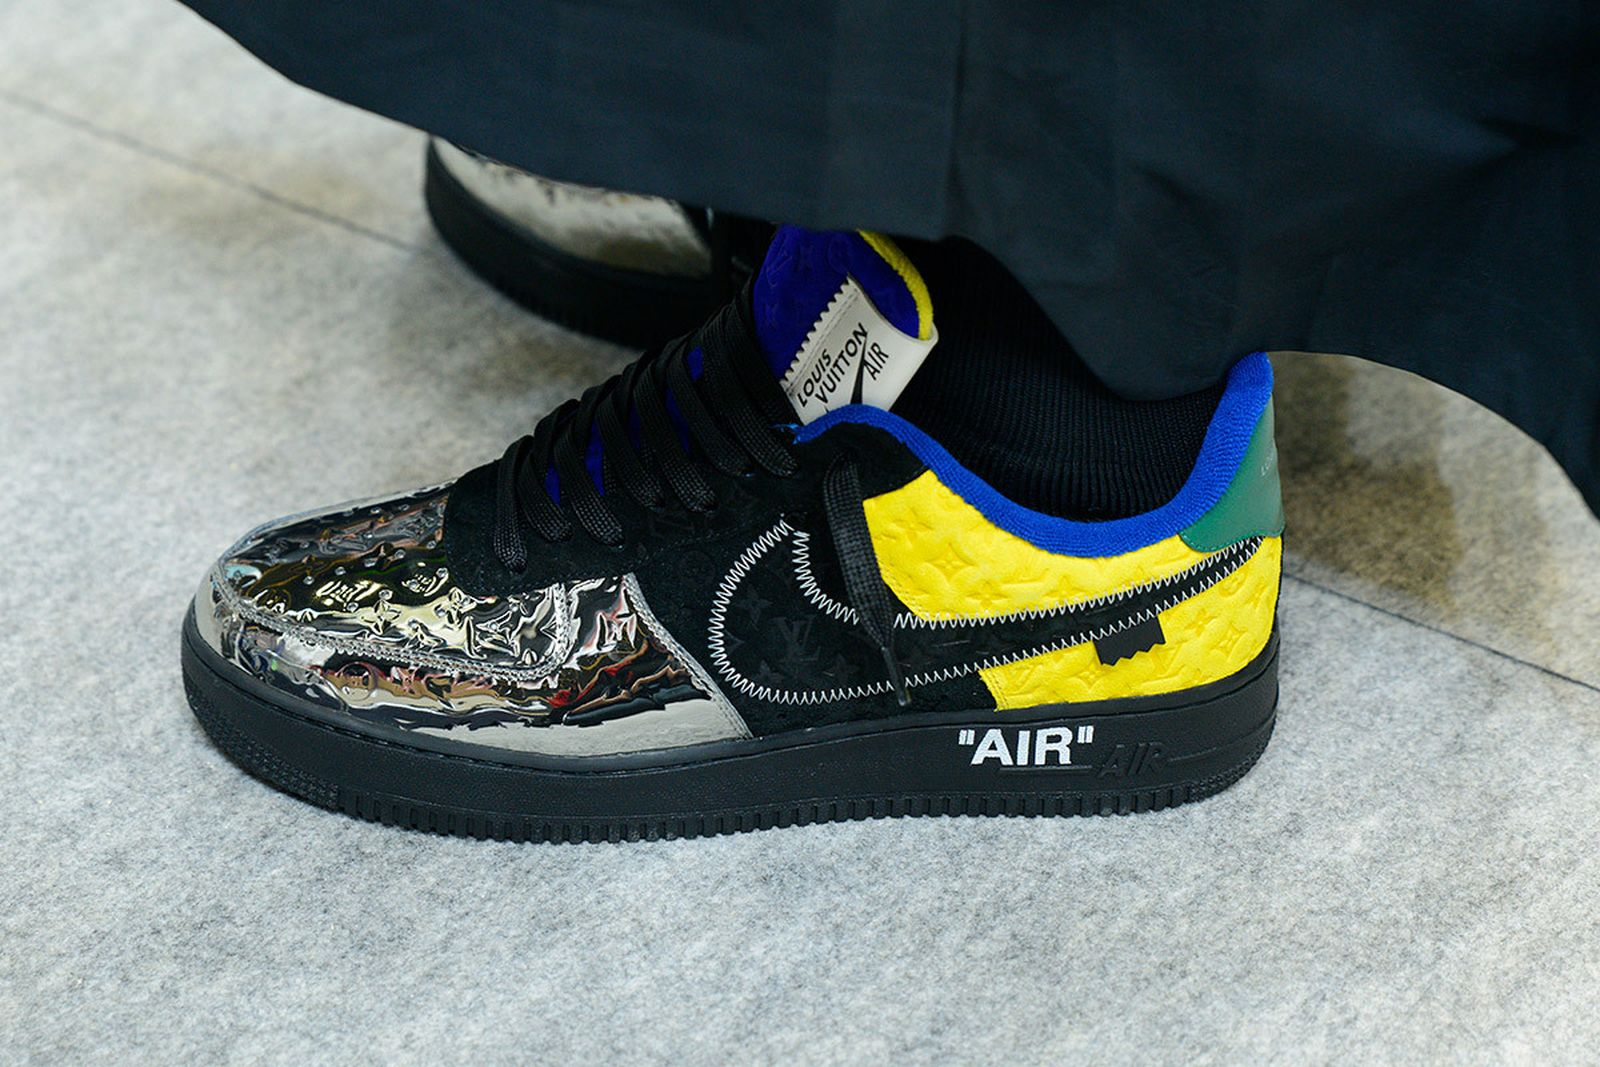 Louis Vuitton x Nike Air Force 1 Isn't a Collab, It's a Bootleg